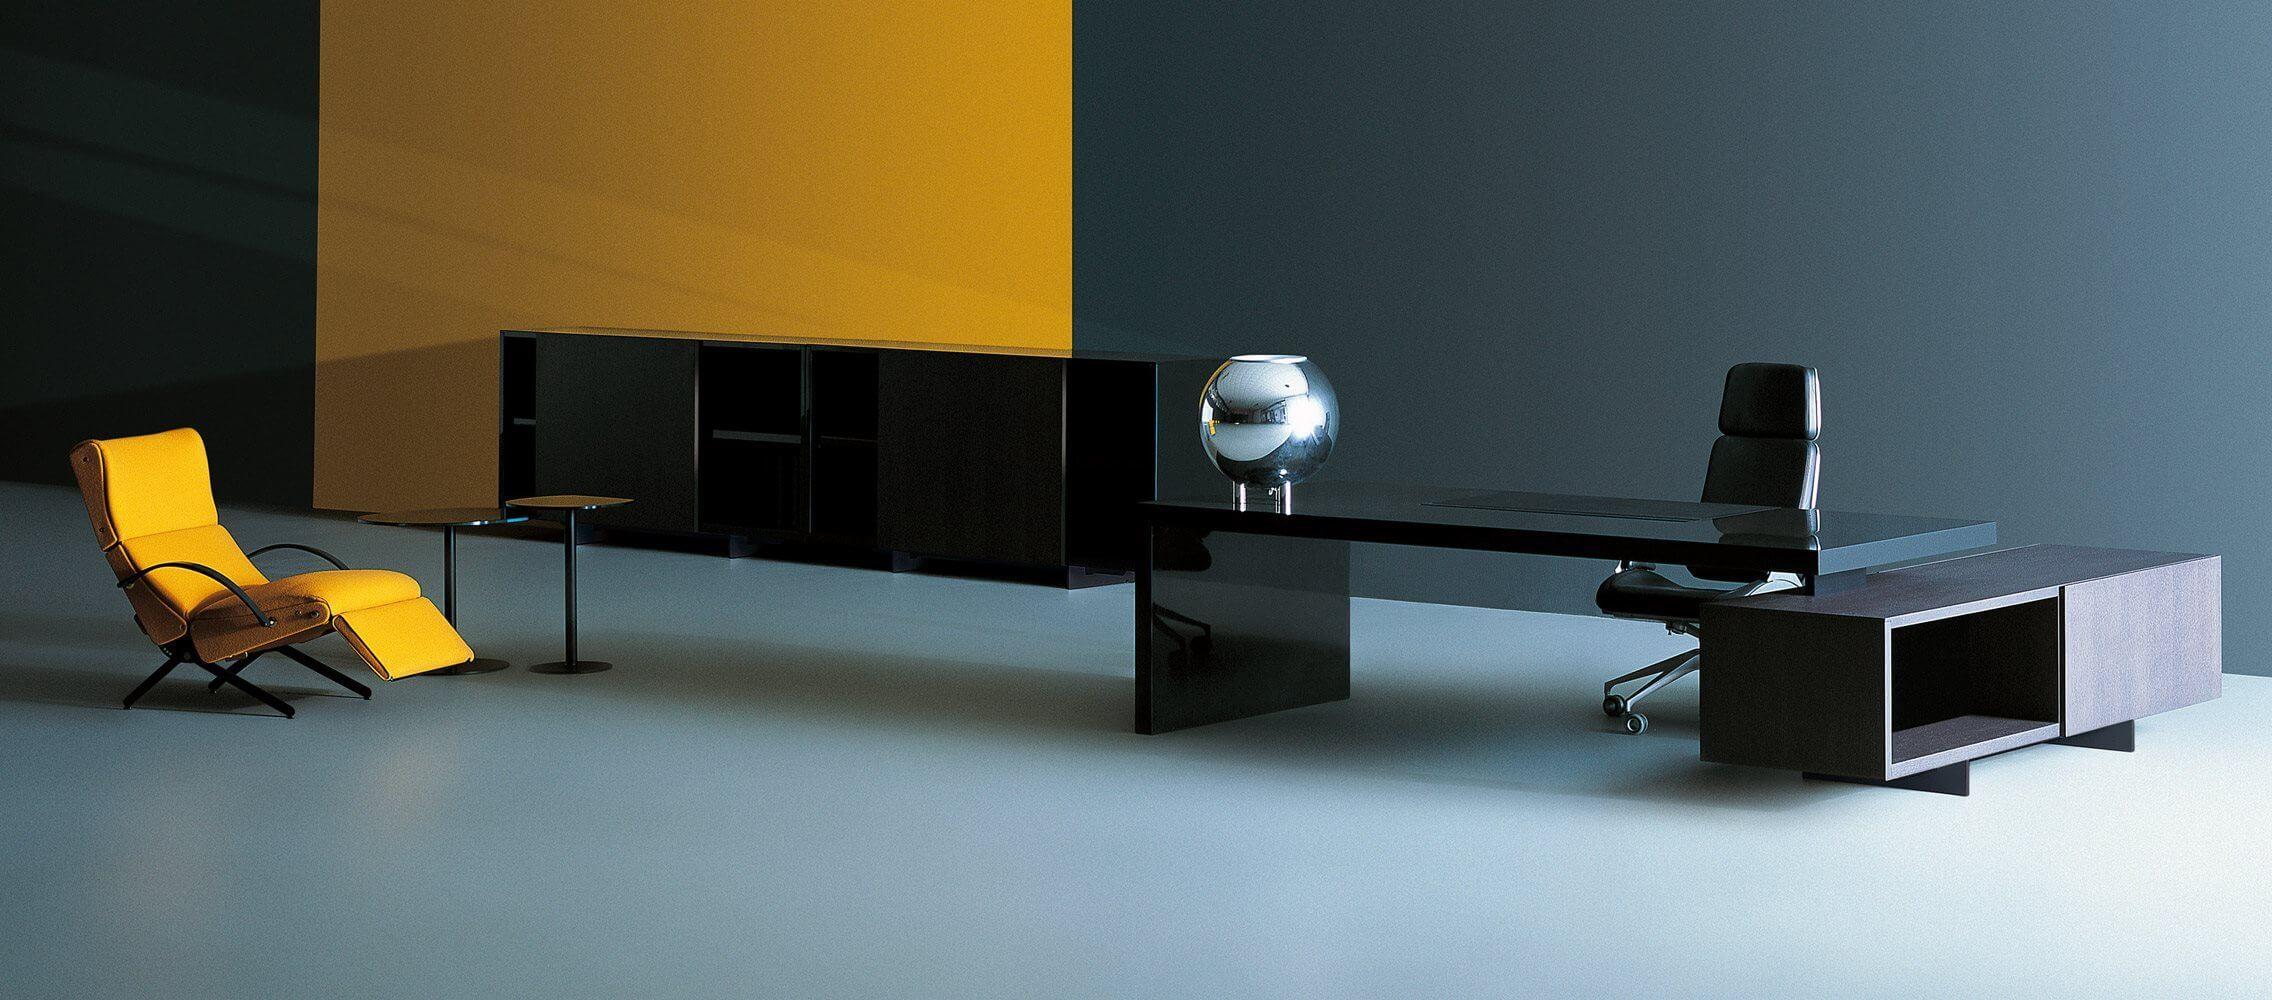 Muebles De Oficina Alta Direccion Asymmetrical Tecno Adeyaka  # Muebles Direccion